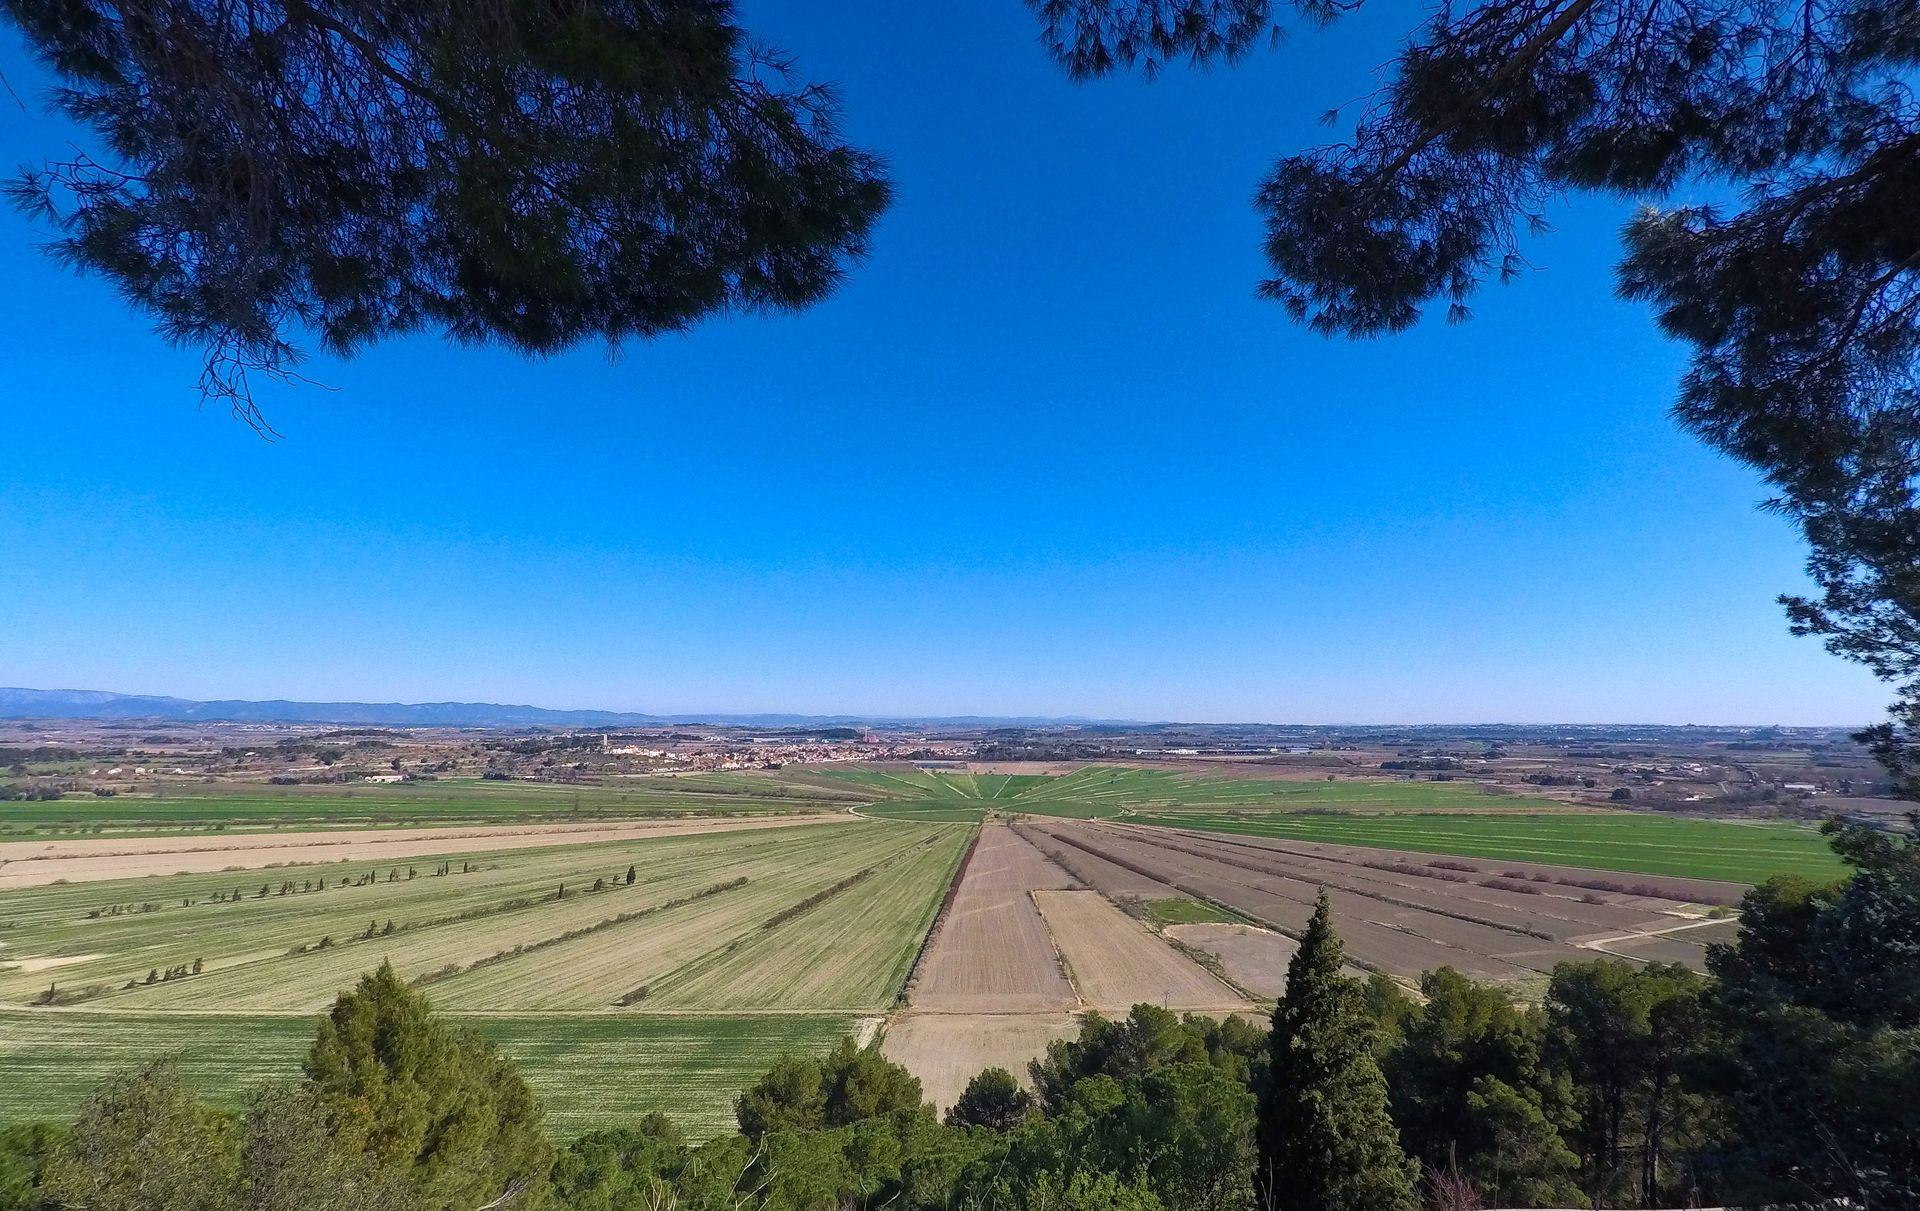 L'étang de Montady vue depuis l'oppidum d'Ensérune